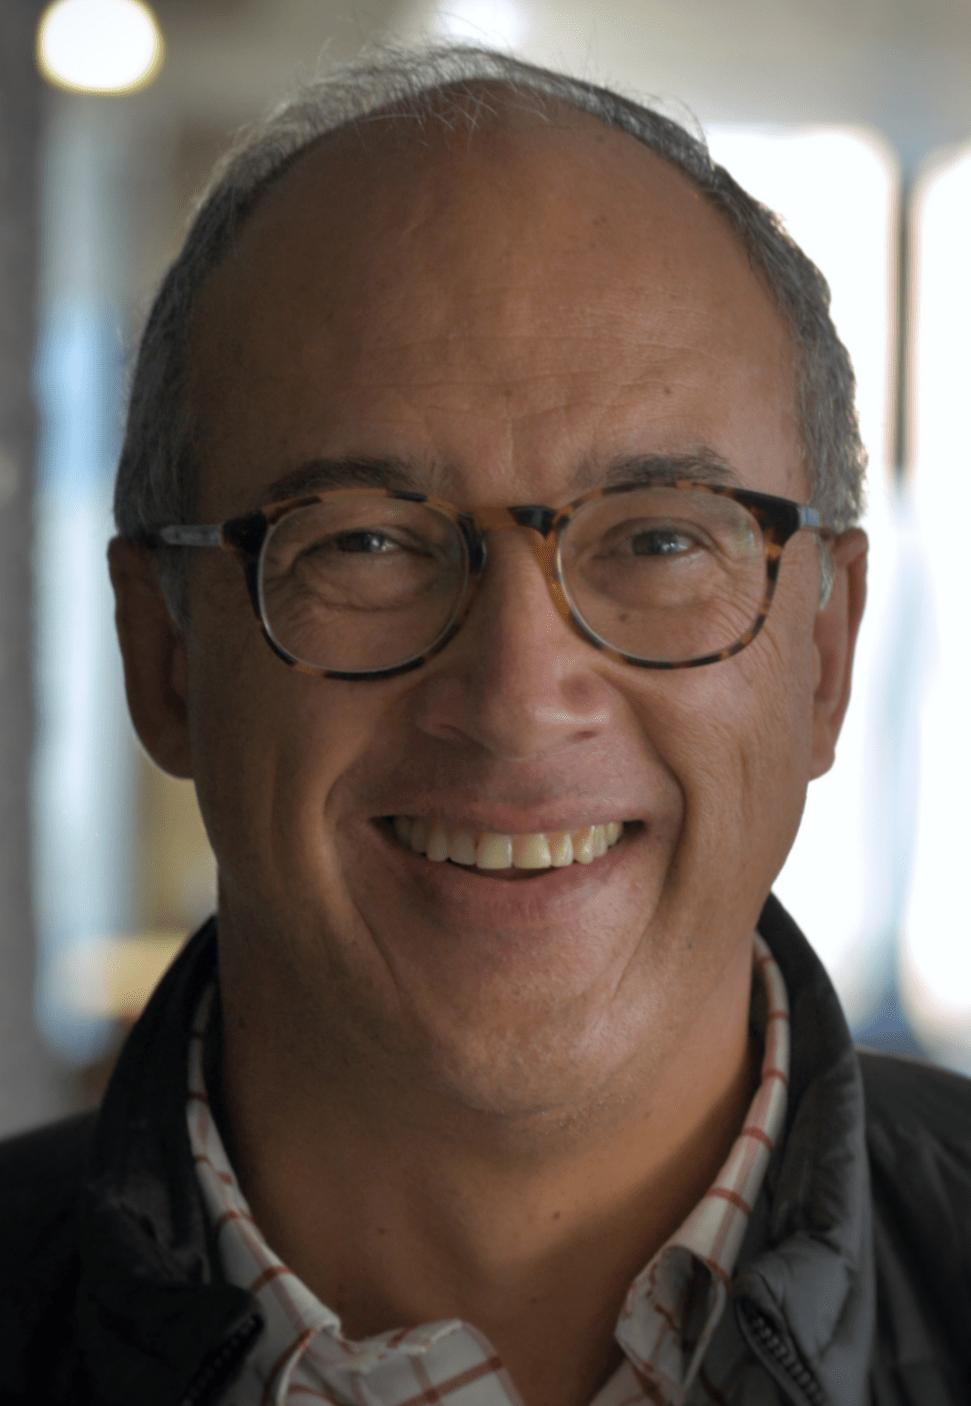 'Soy un hombre que sabe manejar crisis': Juan Carlos Echeverry